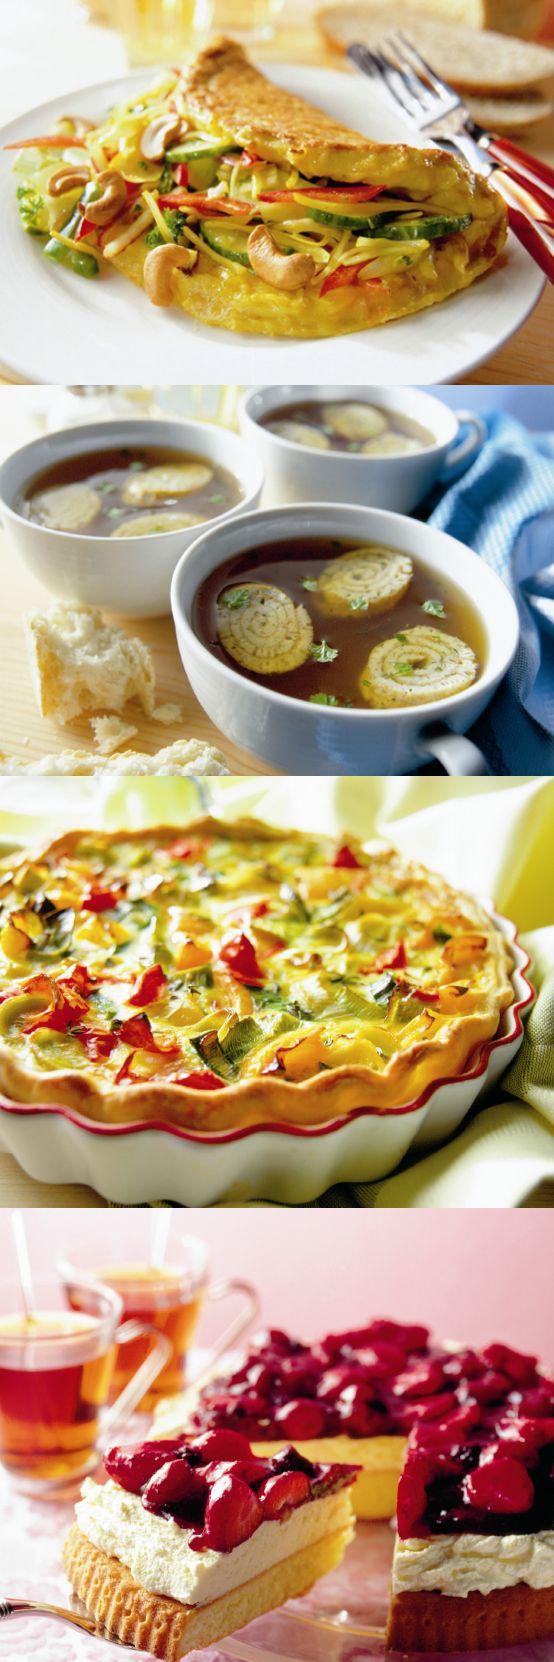 Speciaal voor Pasen: een gratis digitaal boekje met heerlijke recepten met ei. Wat dacht je bijvoorbeeld van een heerlijke omelet met groenten en cashewnoten, roerei in paprika, wrap met ei of een lekkere eiersalade. Download het boekje hier: http://www.gezondheidsnet.nl/gratis-boekjes-met-lekkere-recepten/gratis-boekje-met-heerlijke-recepten-met-ei #pasen #eieren #recepten